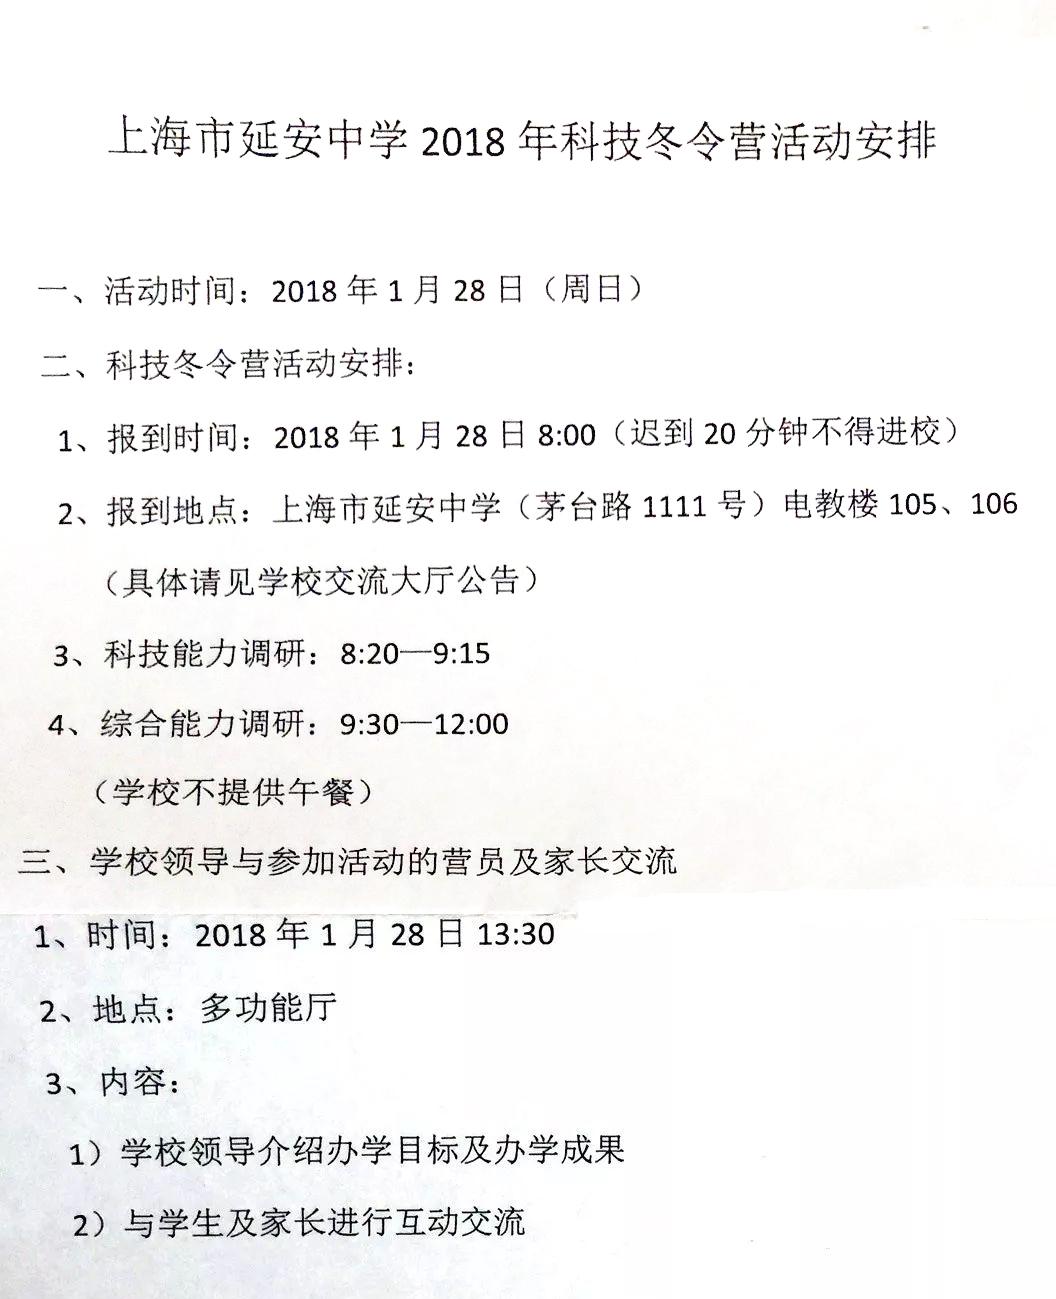 2018上海延安中学校园开放日详情(含科技冬令营安排)